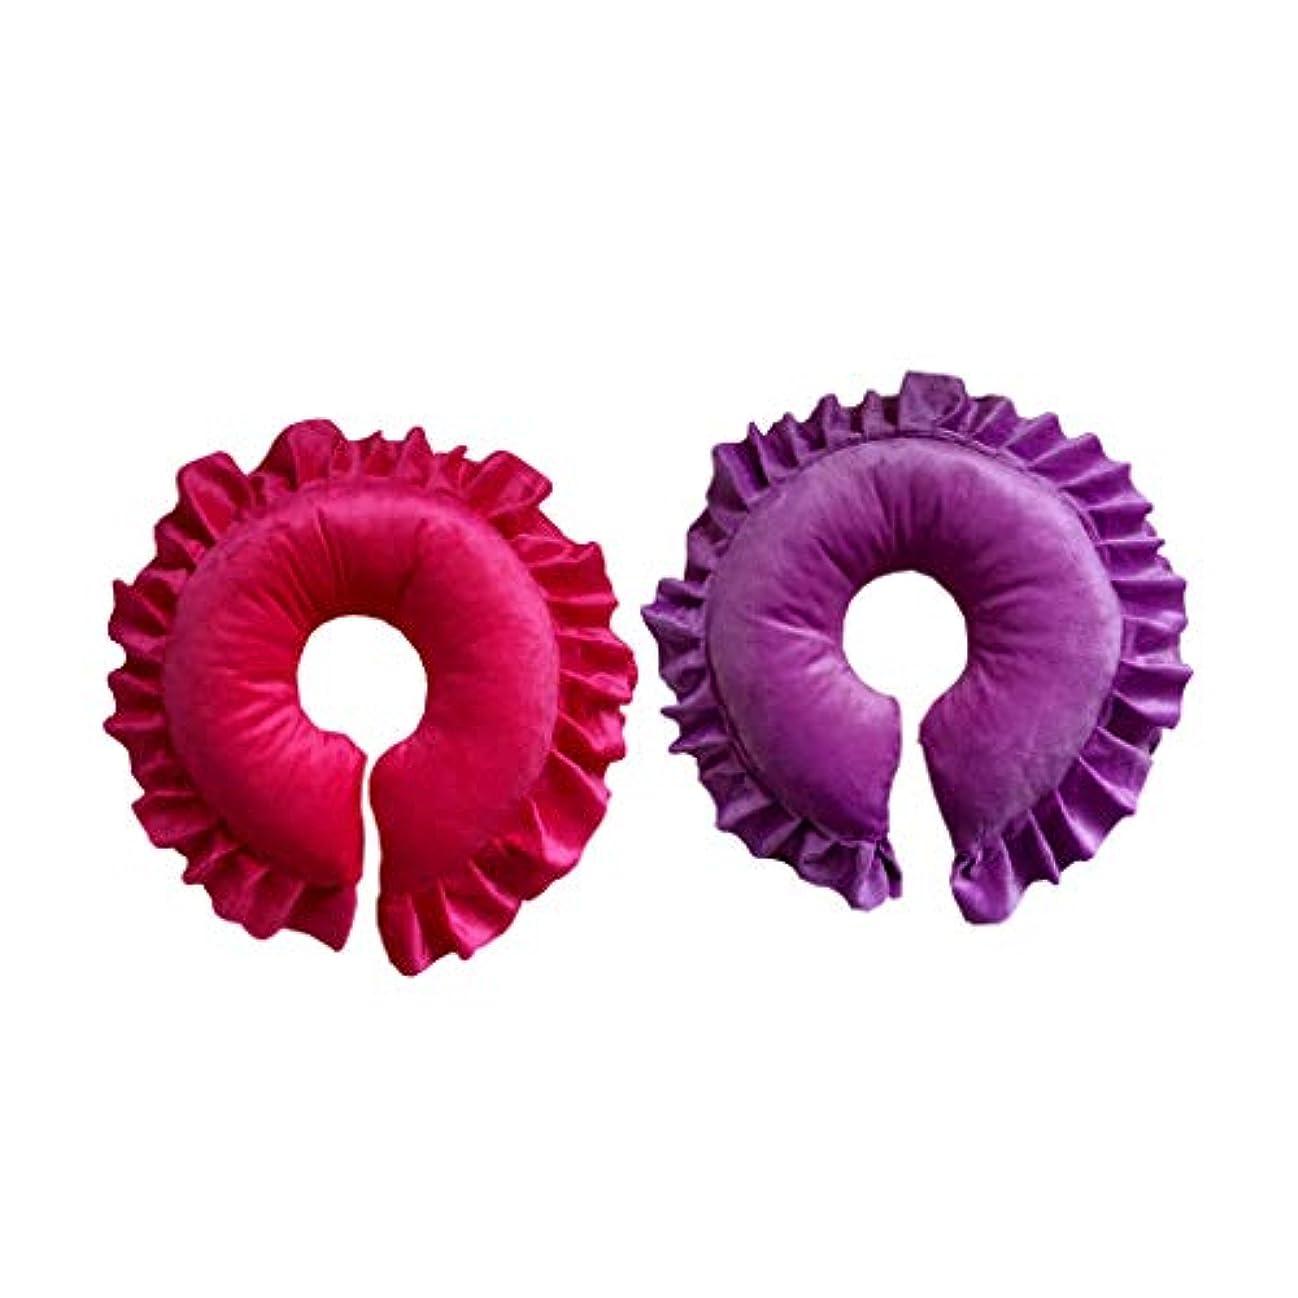 白鳥継続中会員sharprepublic マッサージ枕 フェイスピロー マッサージクッション サロン スパ 快適 実用的 紫&赤 2個入り